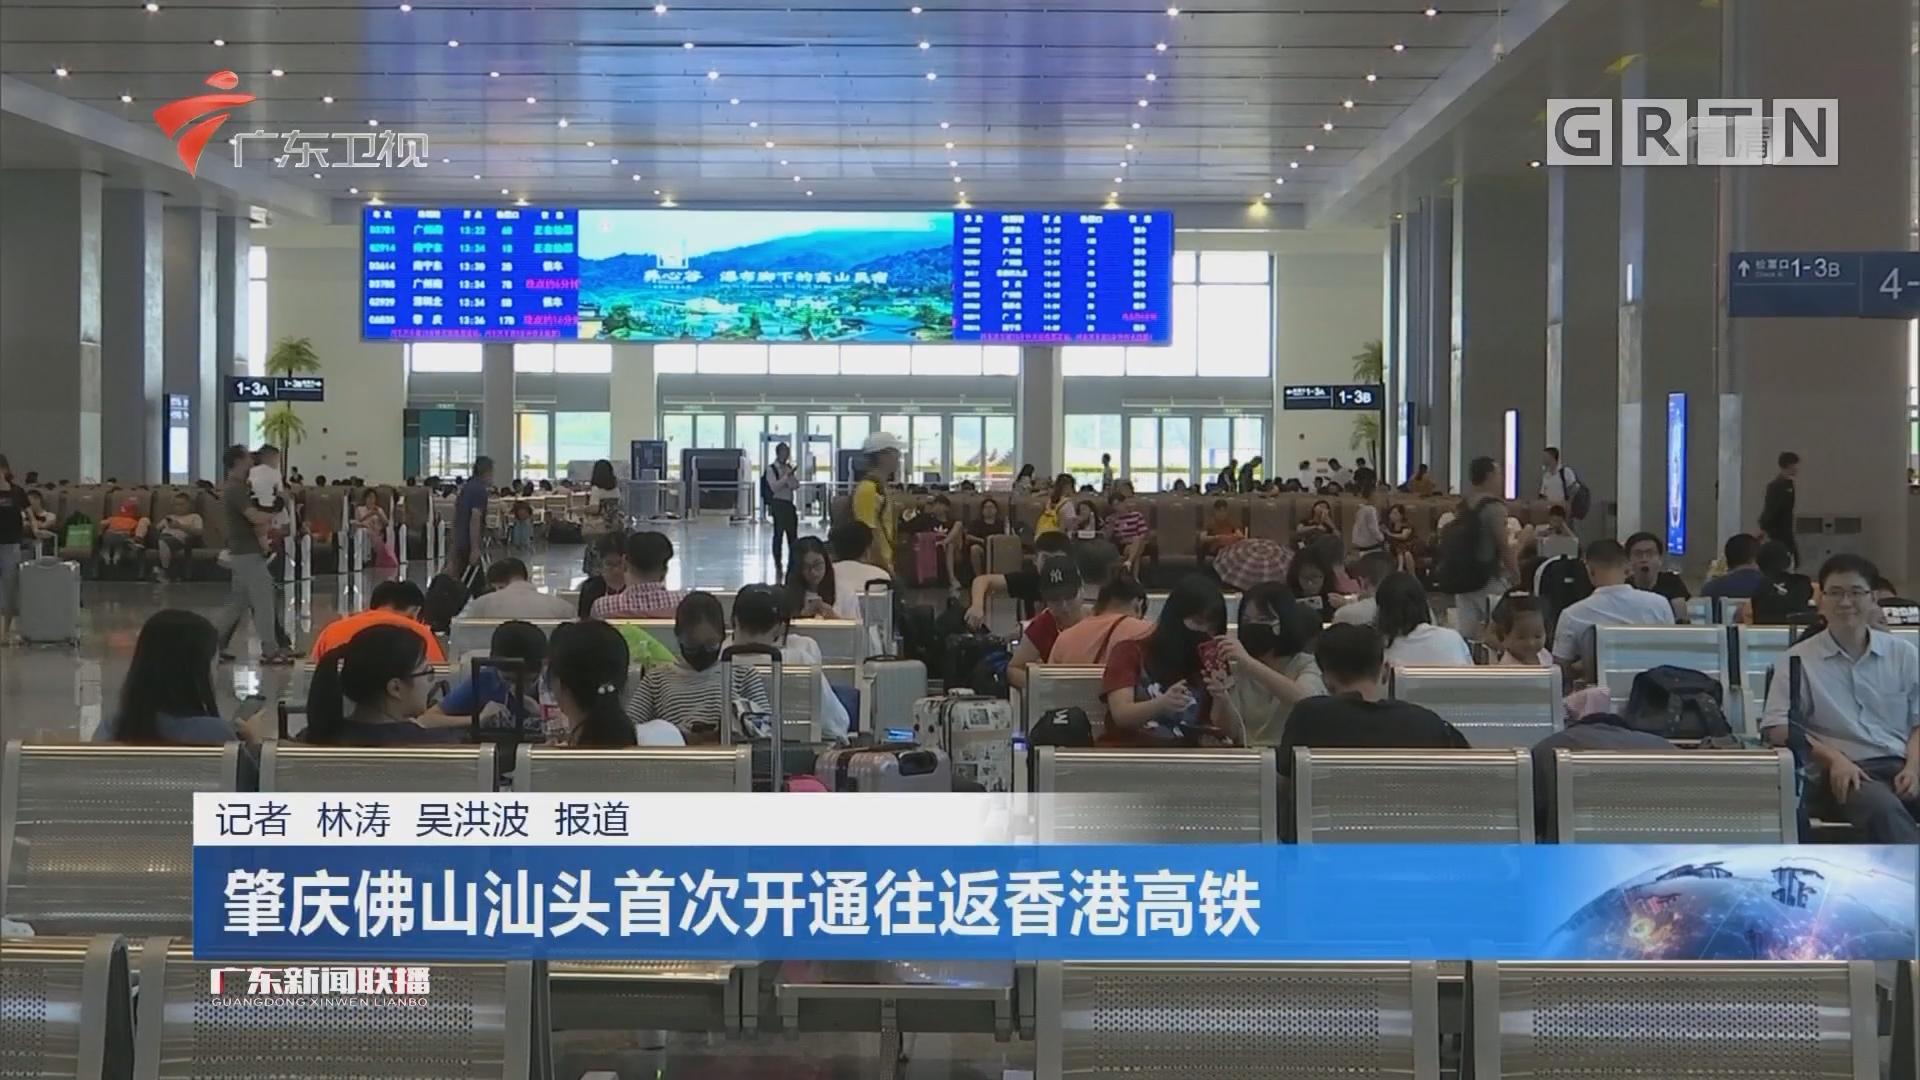 肇庆佛山汕头首次开通往返香港高铁